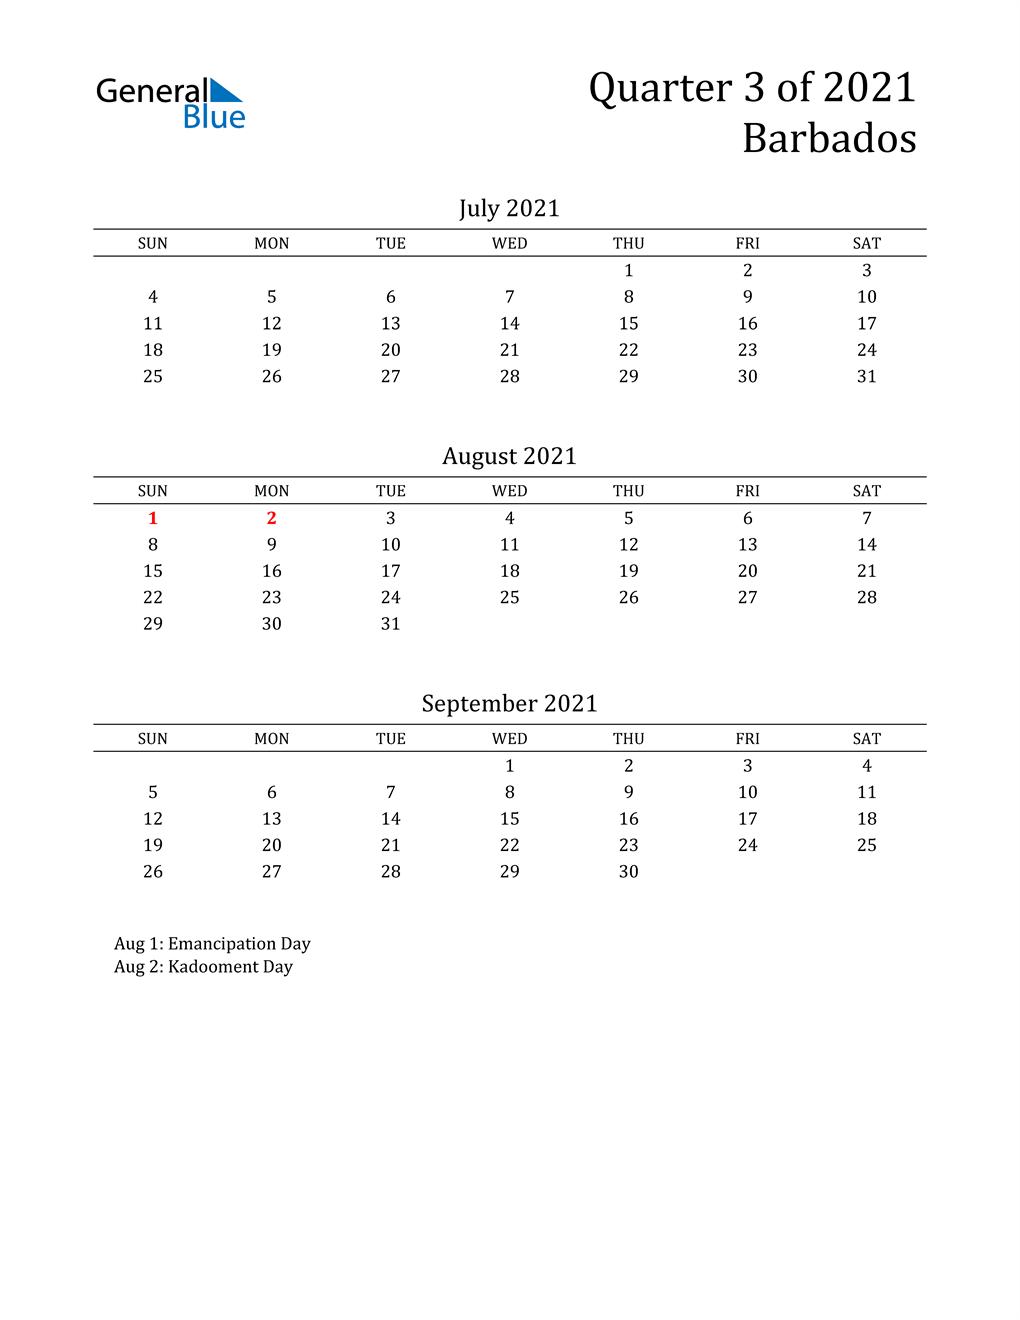 2021 Barbados Quarterly Calendar